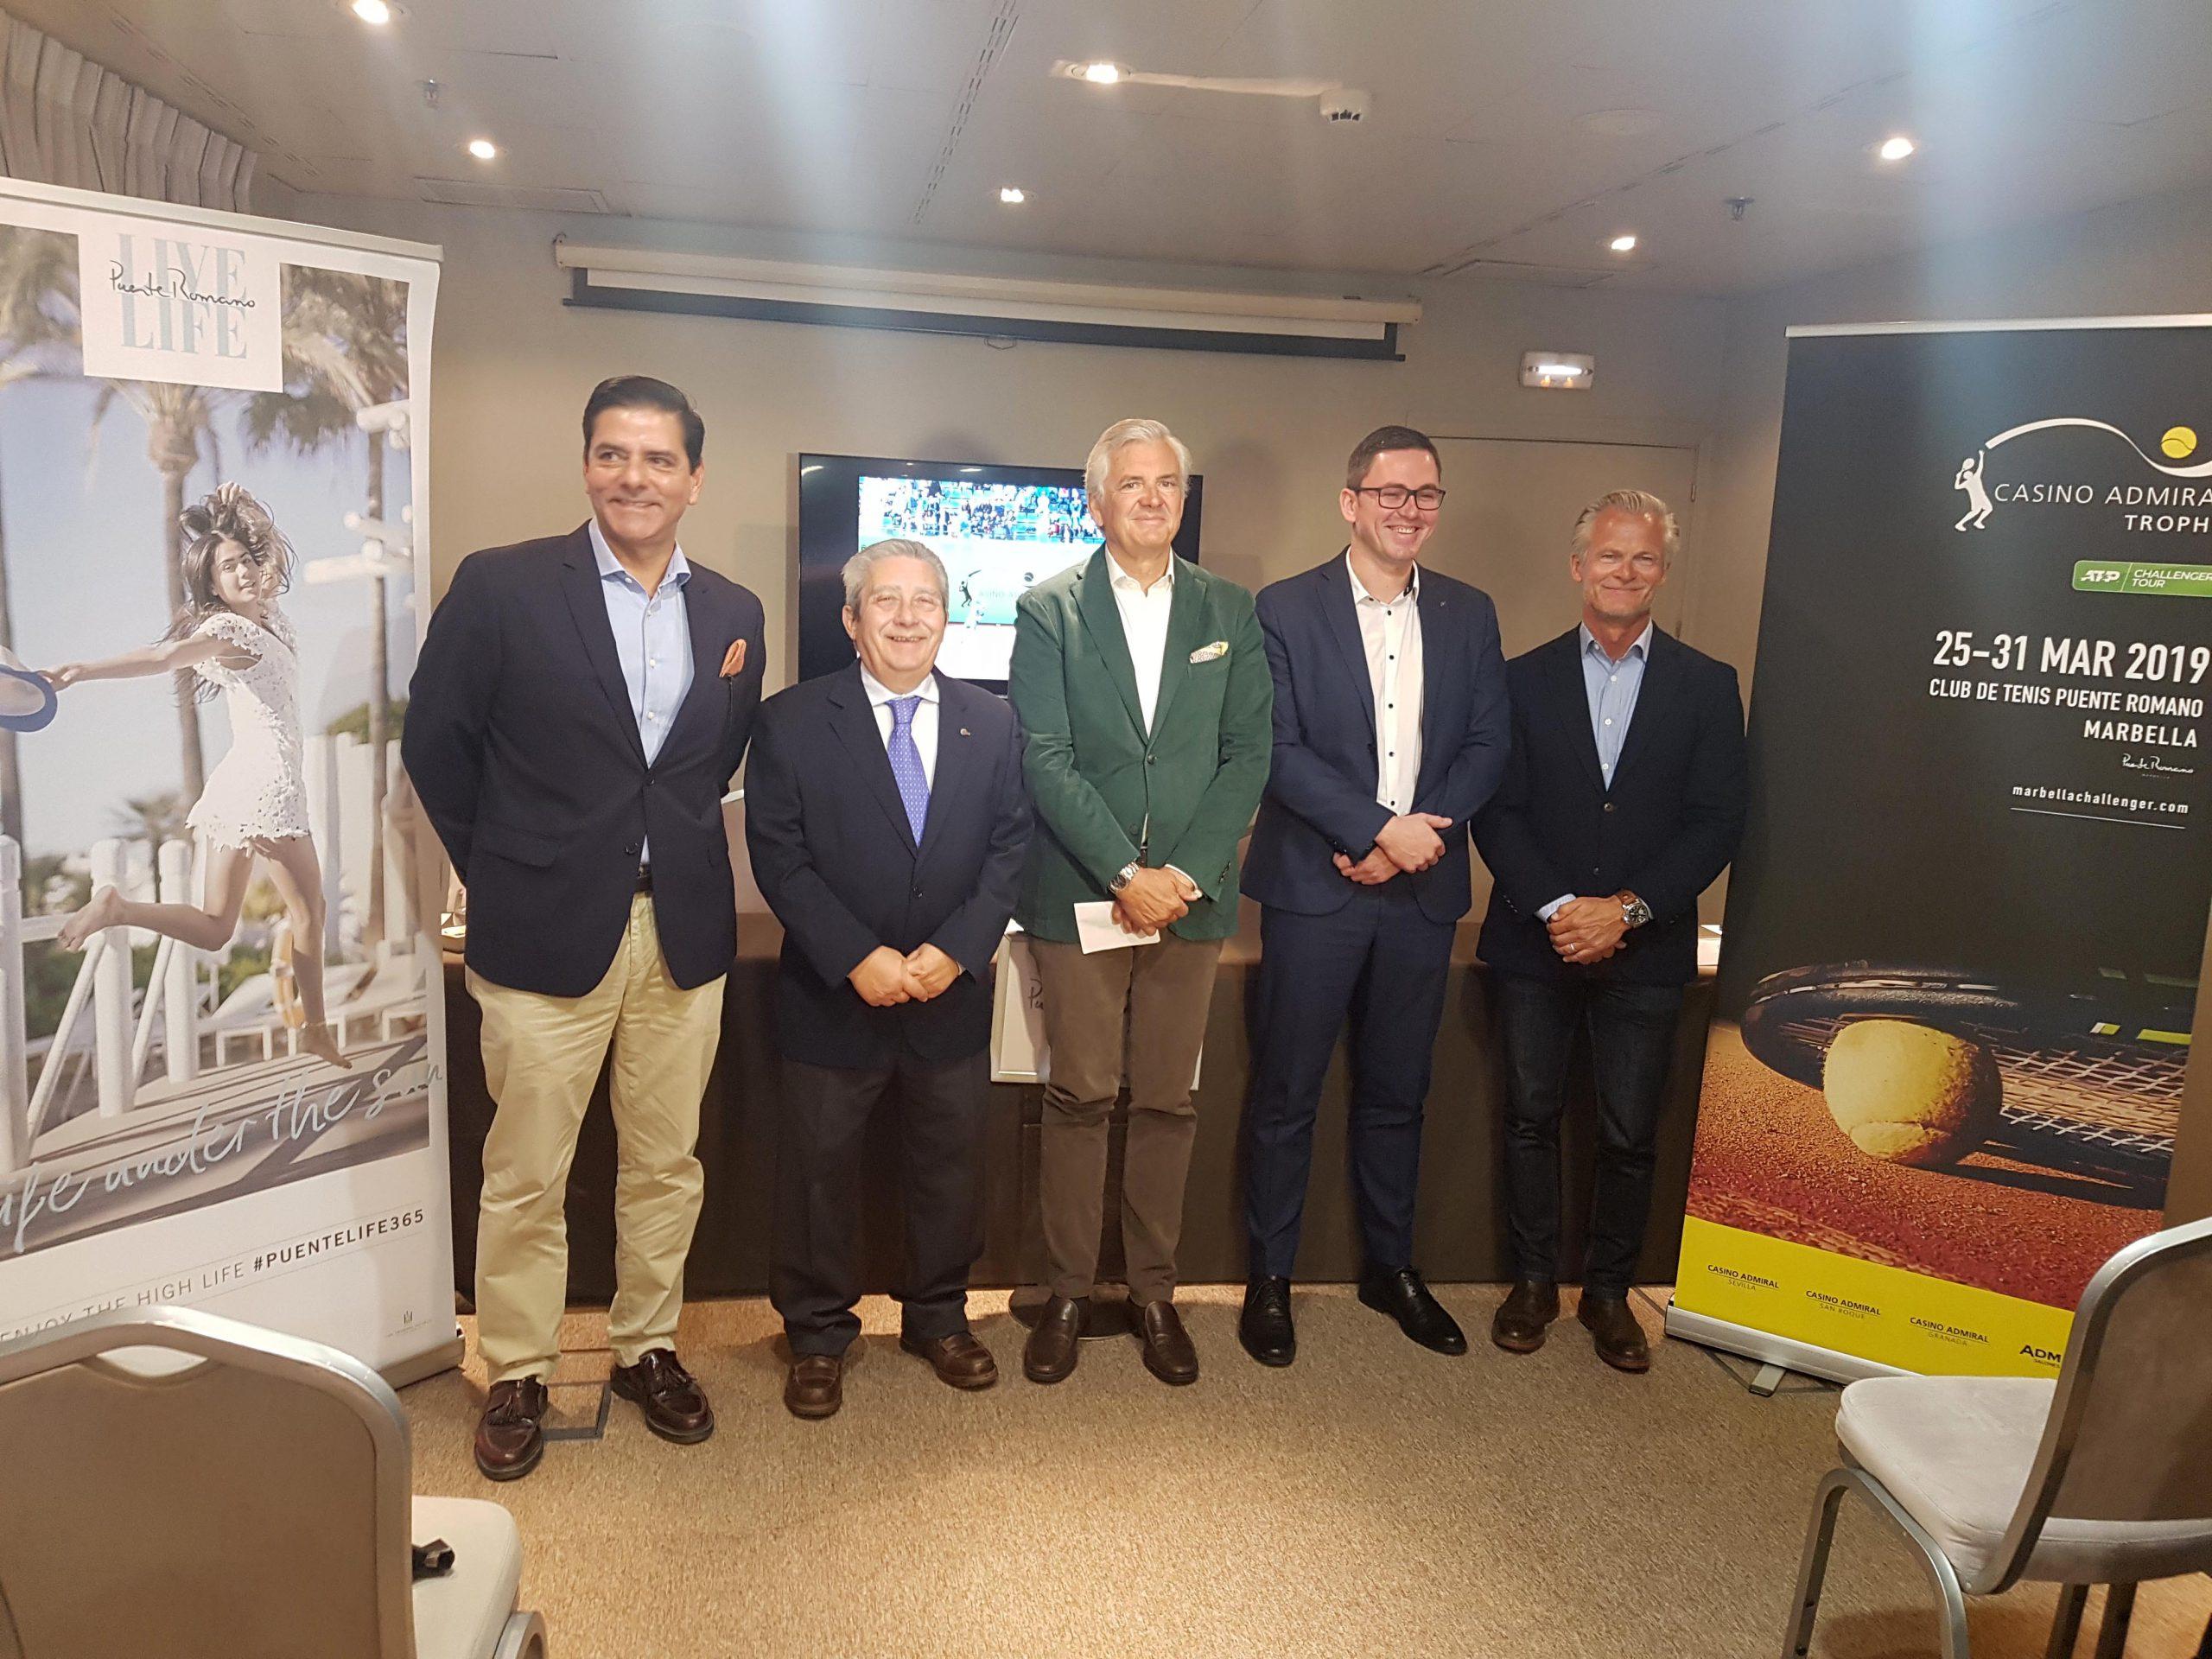 Jugadores del Top 100 mundial y las mejores raquetas nacionales disputarán el trofeo Casino Admiral Trophy ATP Challenger